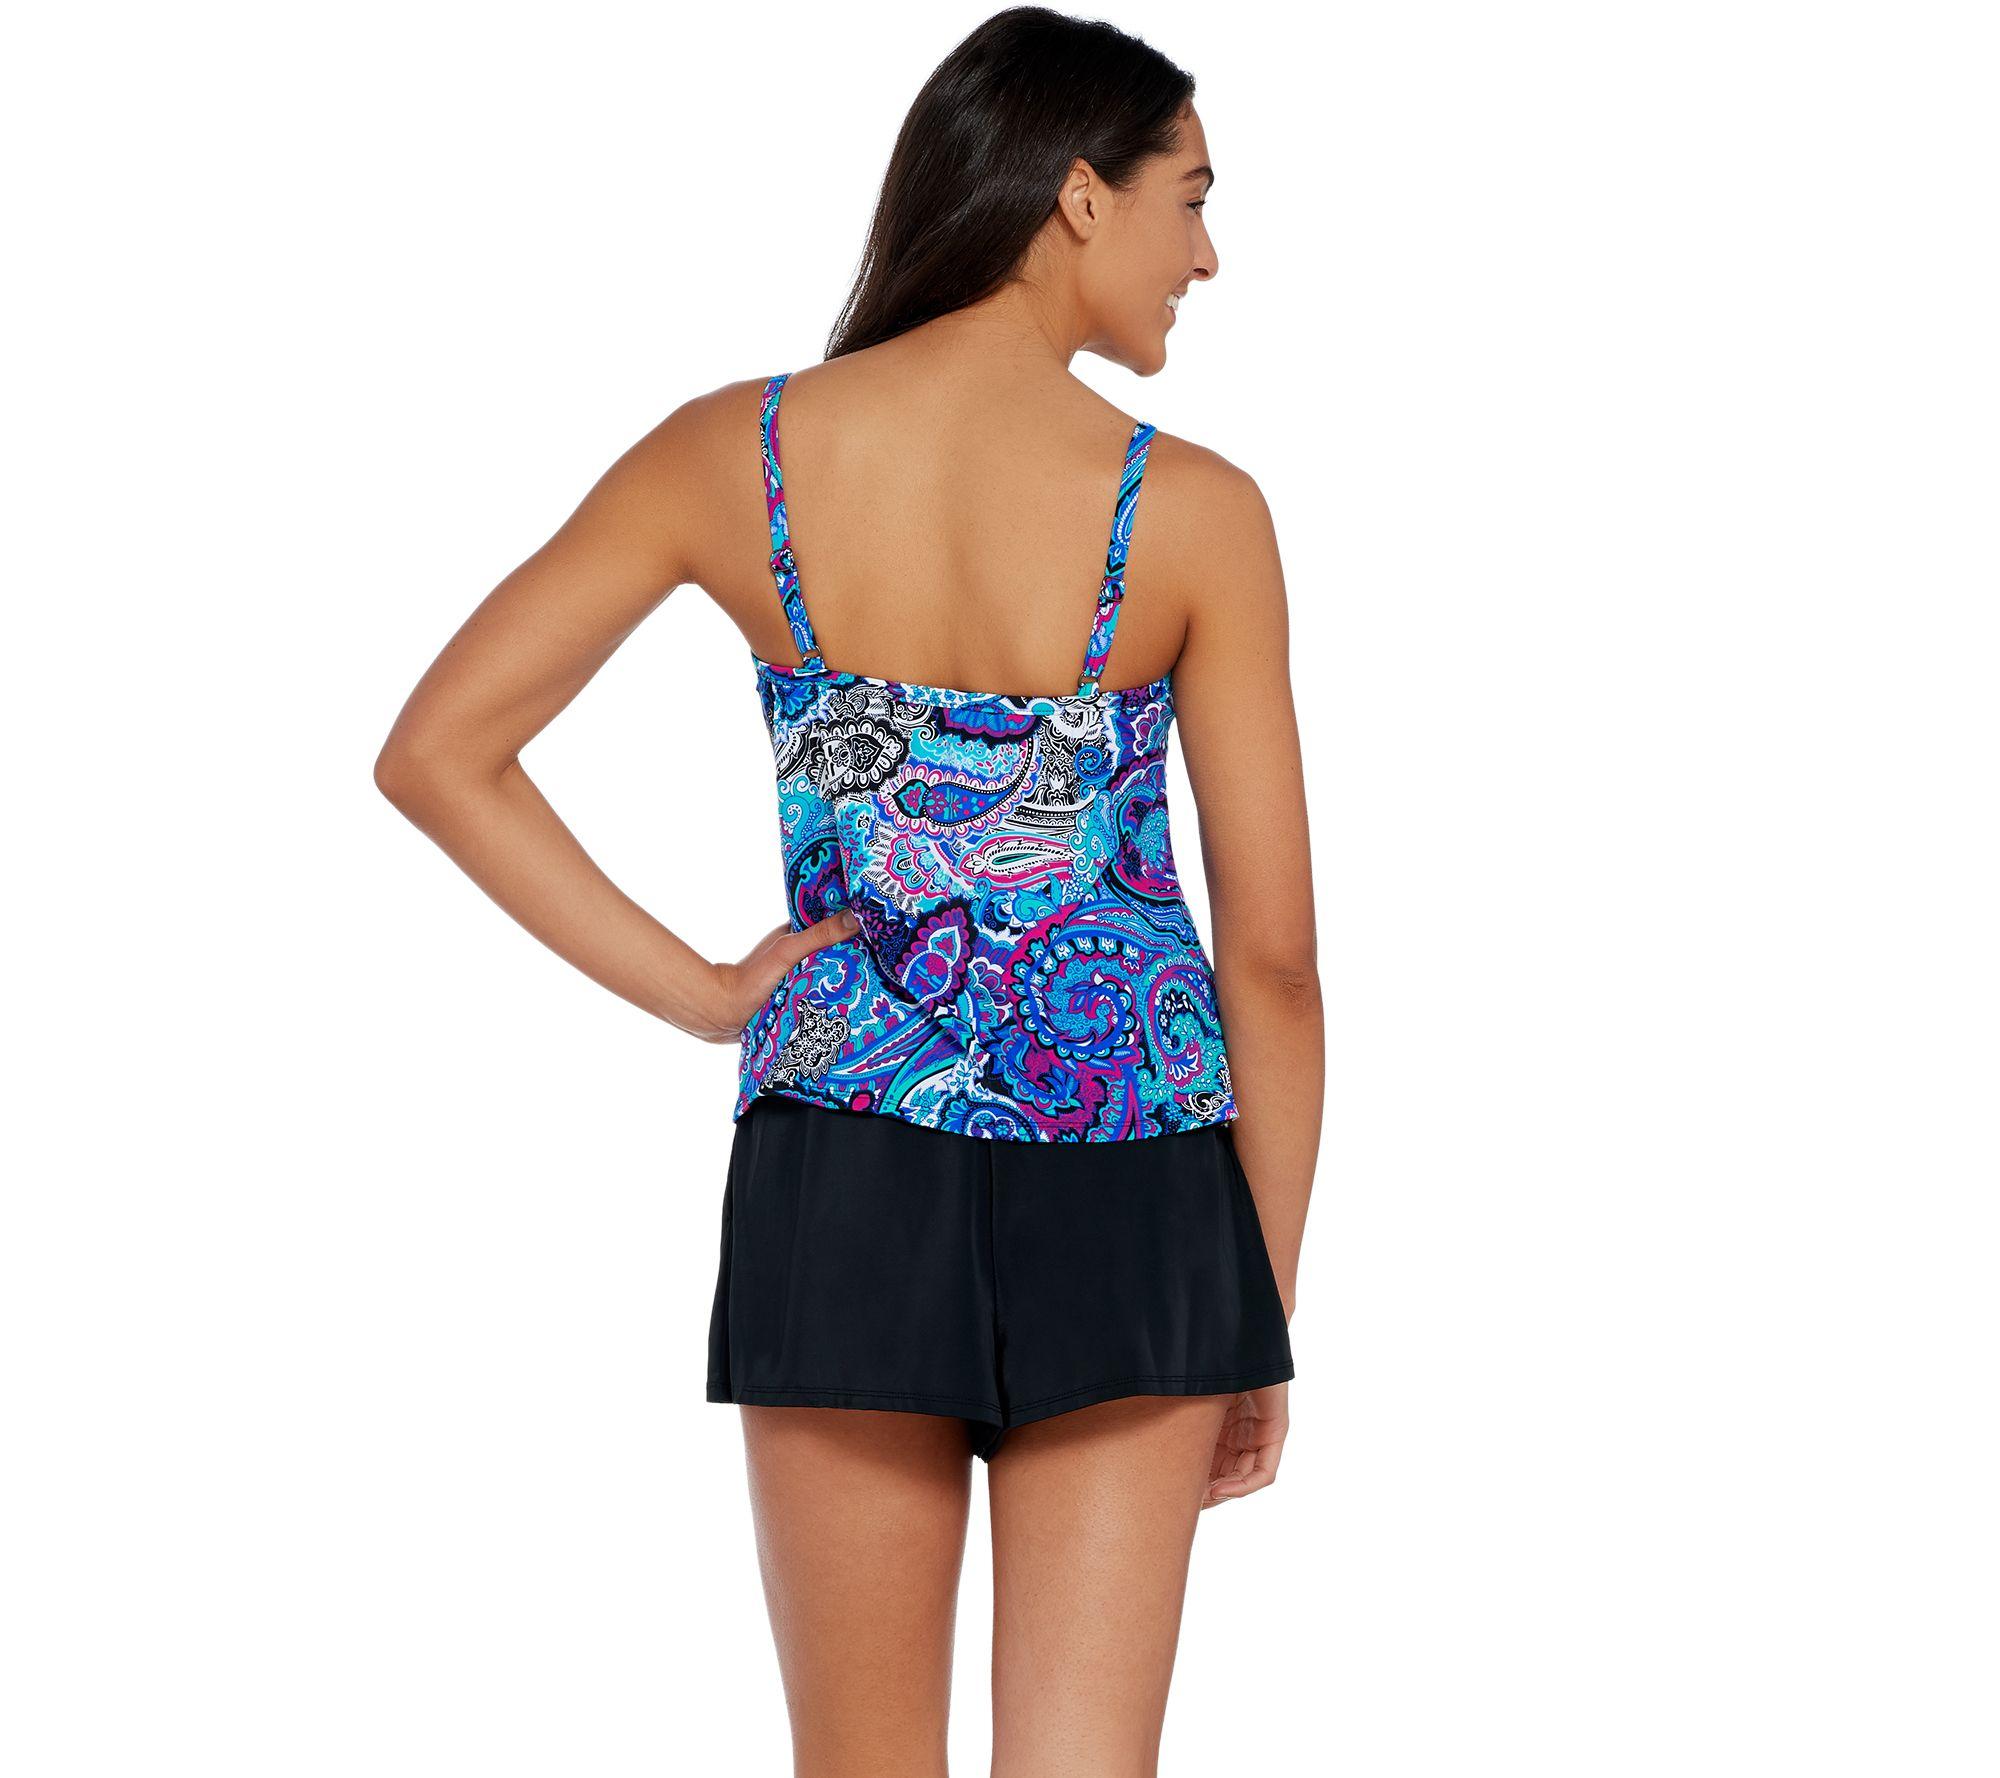 023b1eb73e84 DreamShaper by Miraclesuit Farrah Romper Swimsuit - Page 1 — QVC.com